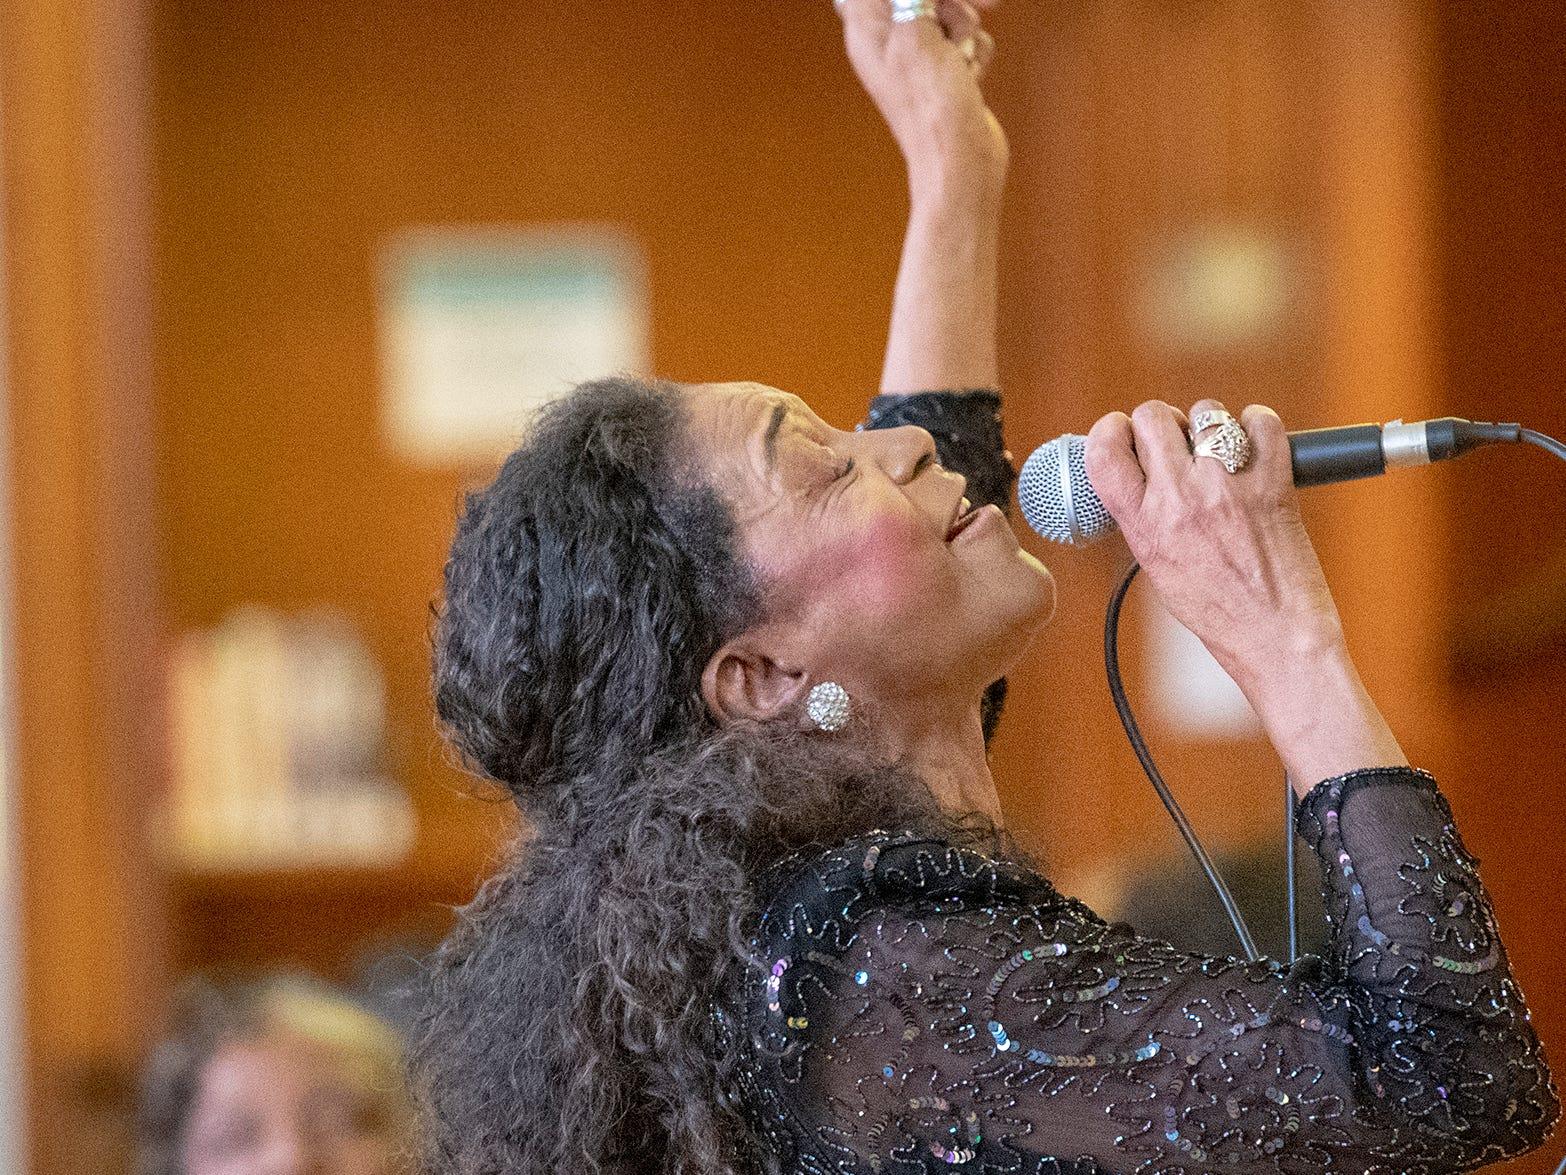 Vanda Guzman, a native of Baltimore, now calls York home. She performs locally.